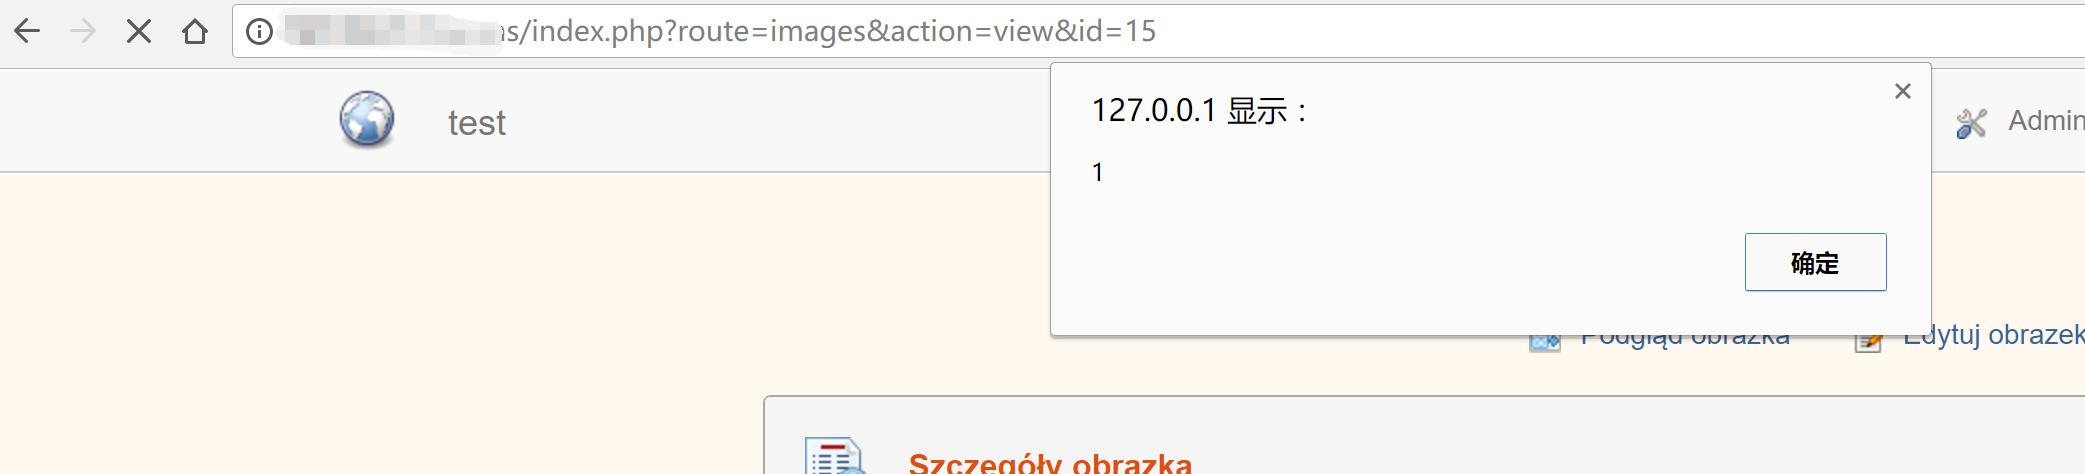 image.png-75.7kB